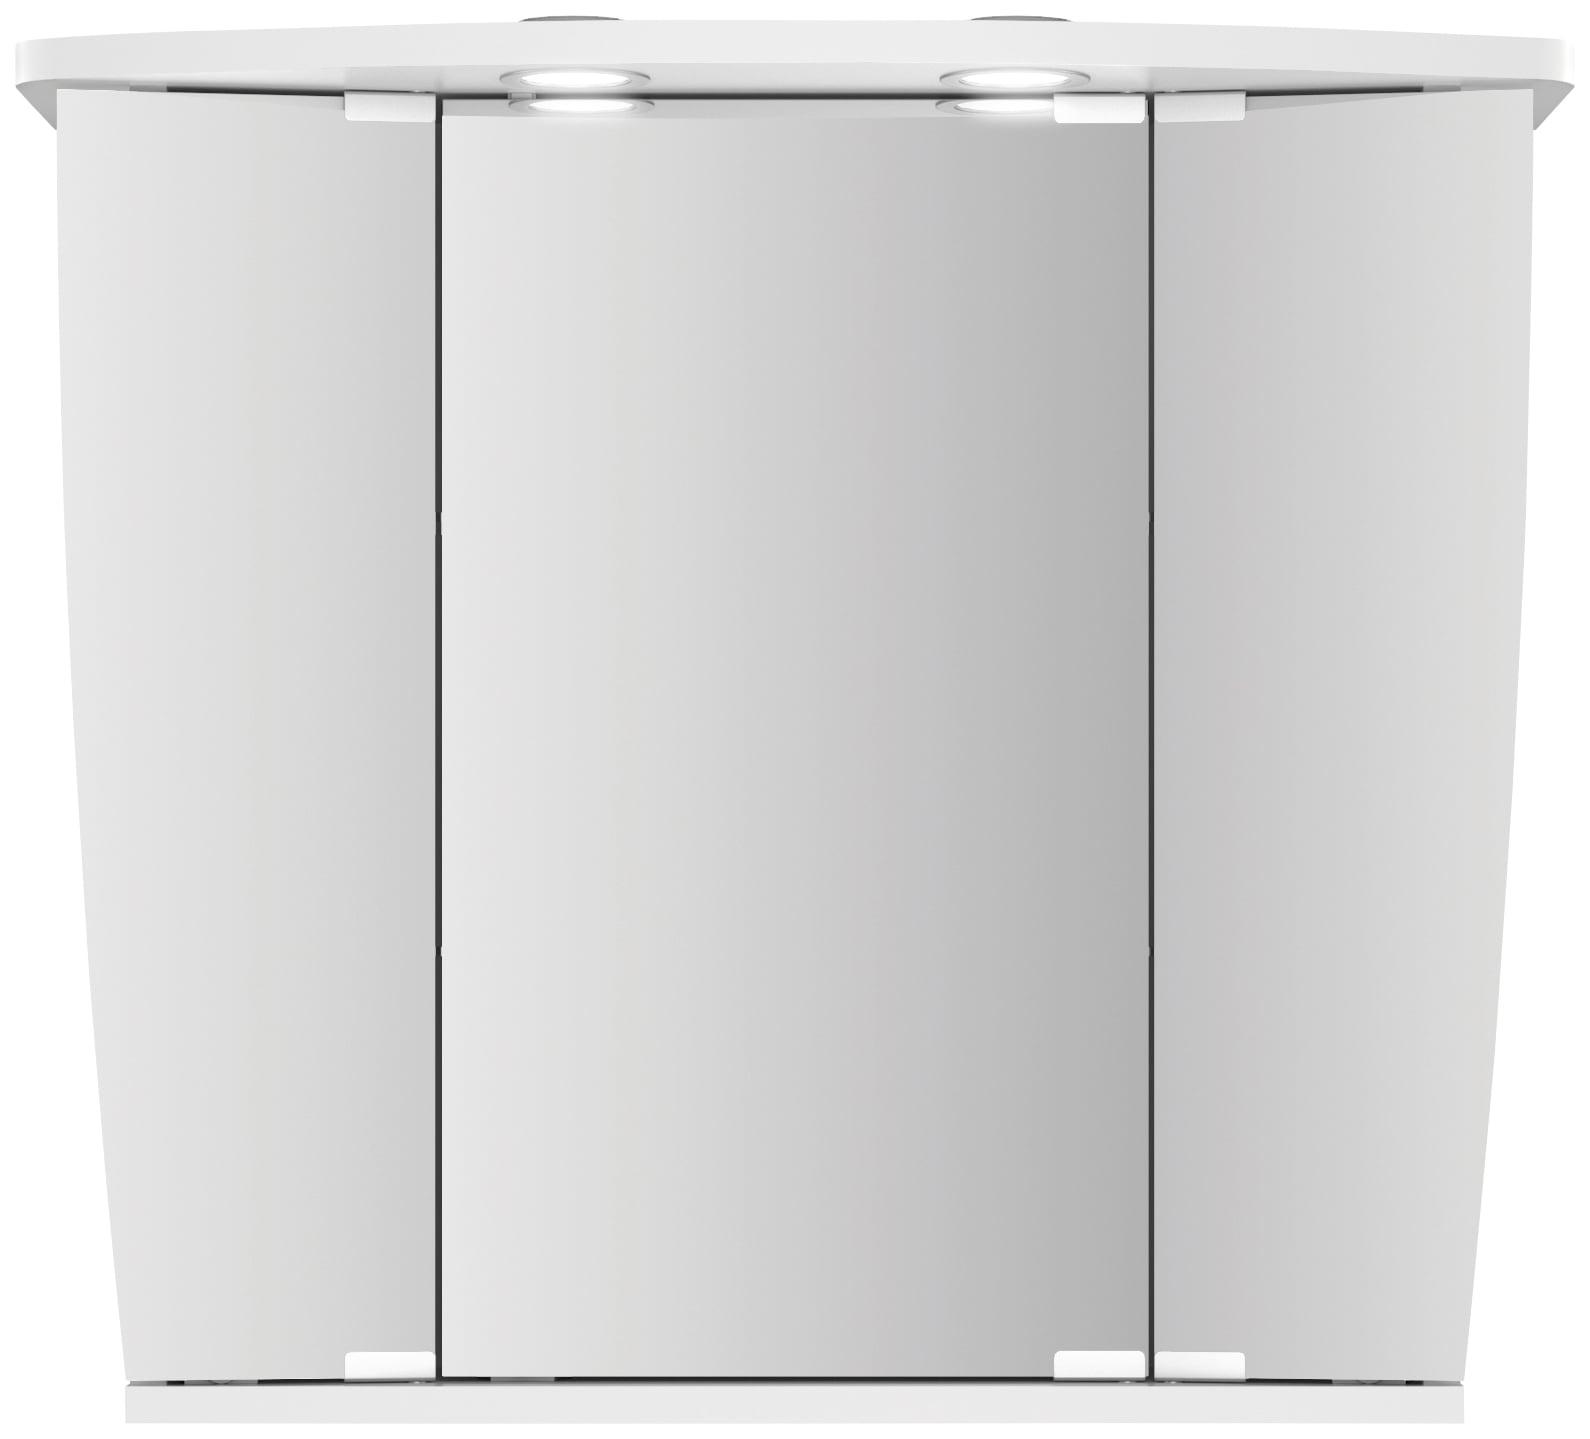 jokey Spiegelschrank Numa III, weiß, 68 cm Breite weiß Bad-Spiegelschränke Badschränke Schränke